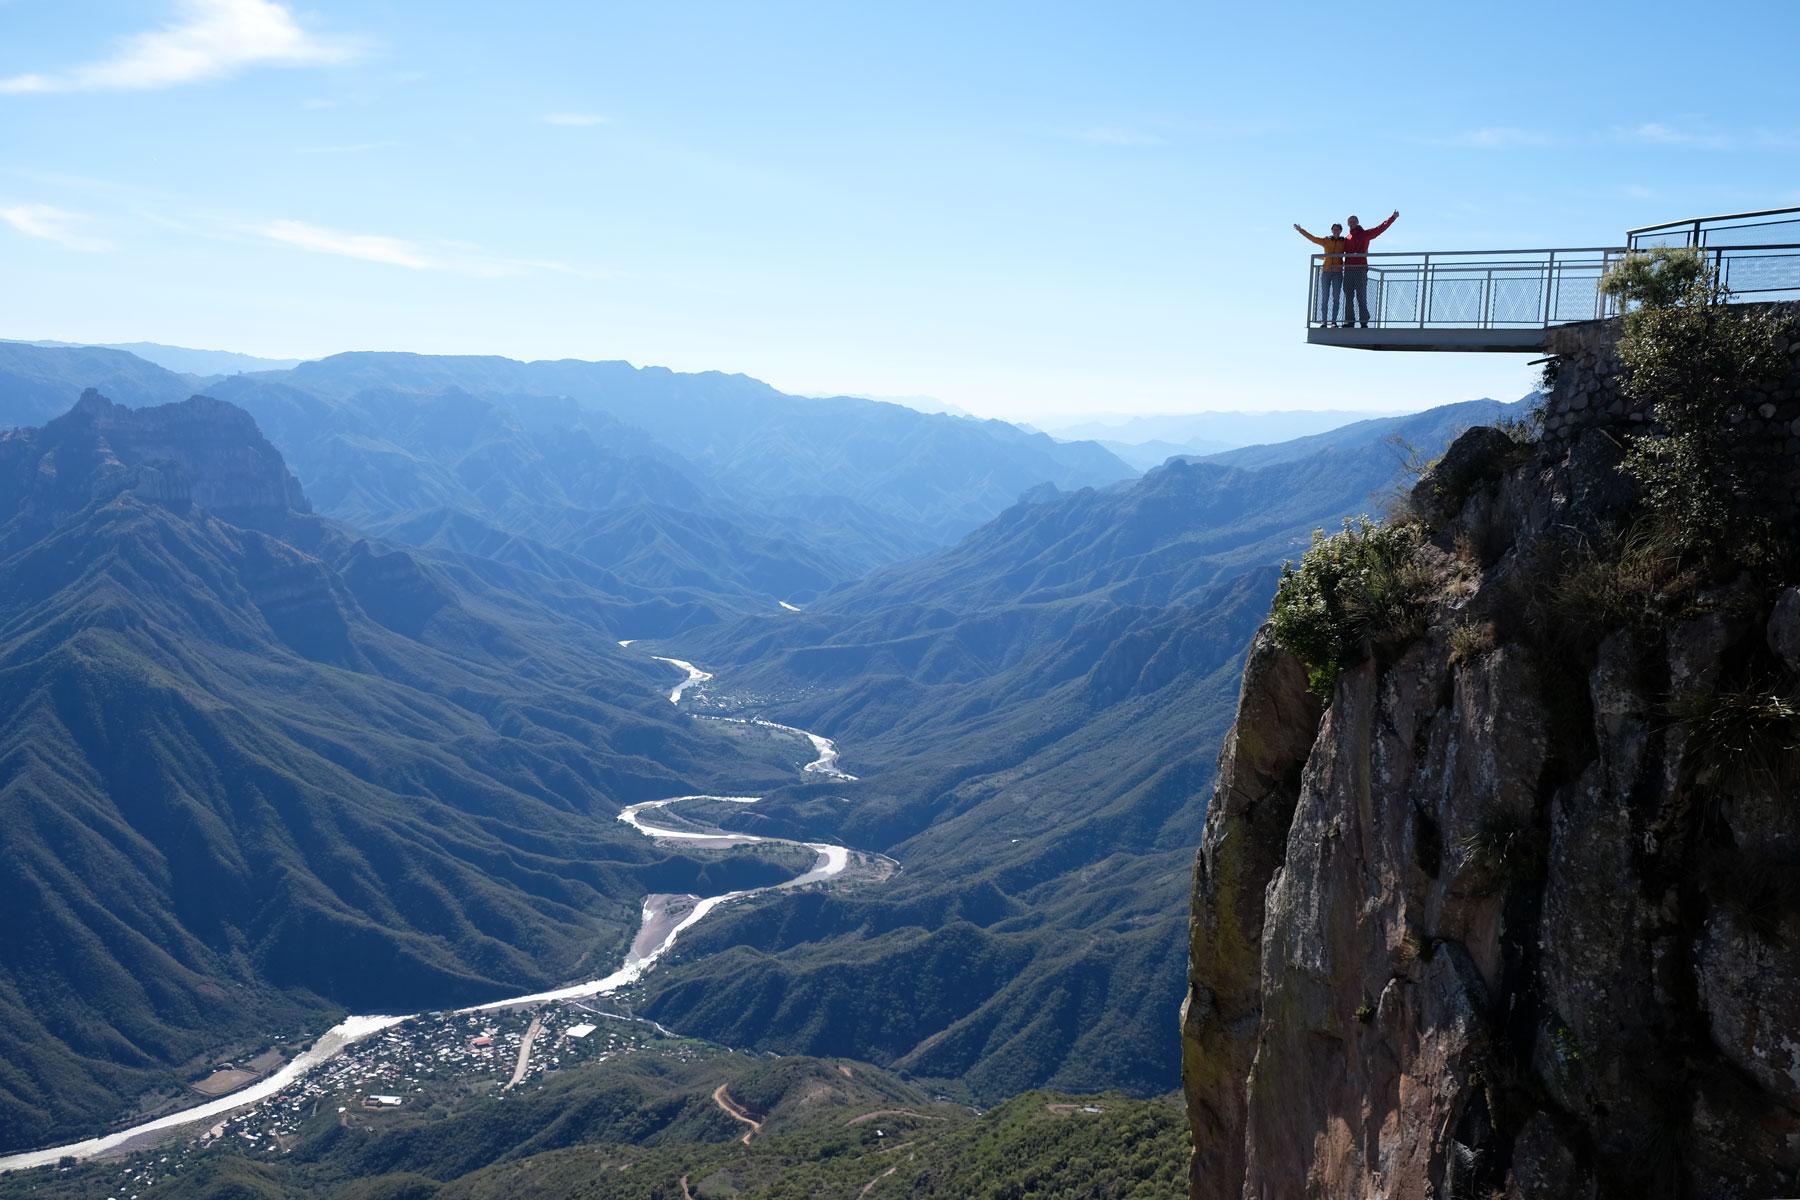 Leo und Sebastian stehen auf einem Aussichtspunkt hoch über dem Urique Canyon in Mexiko.